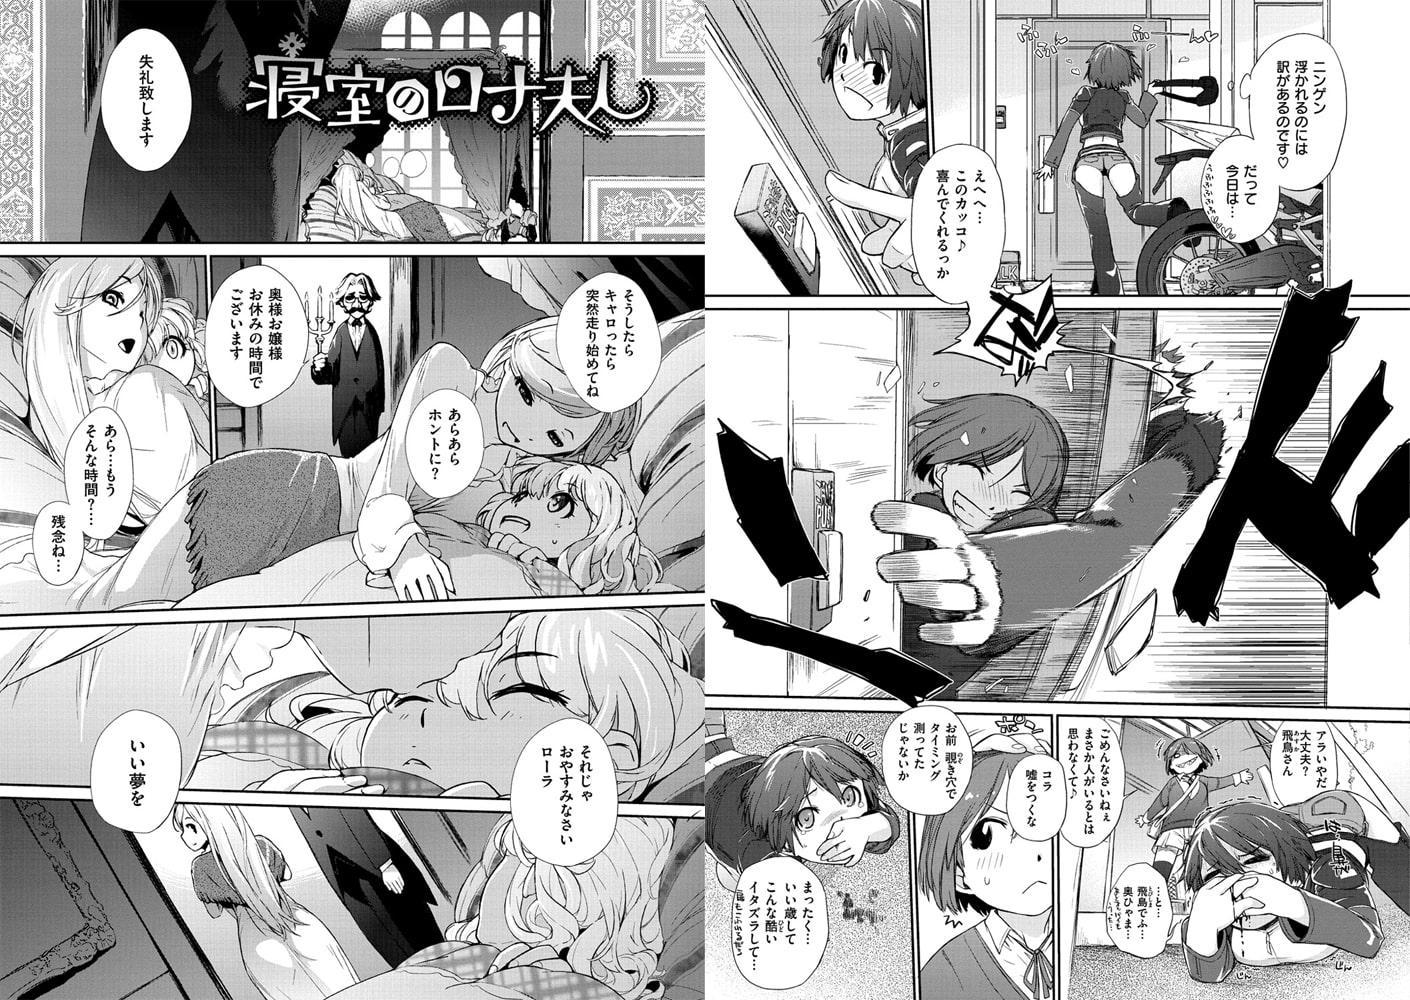 ヲタ子さん(ほか)